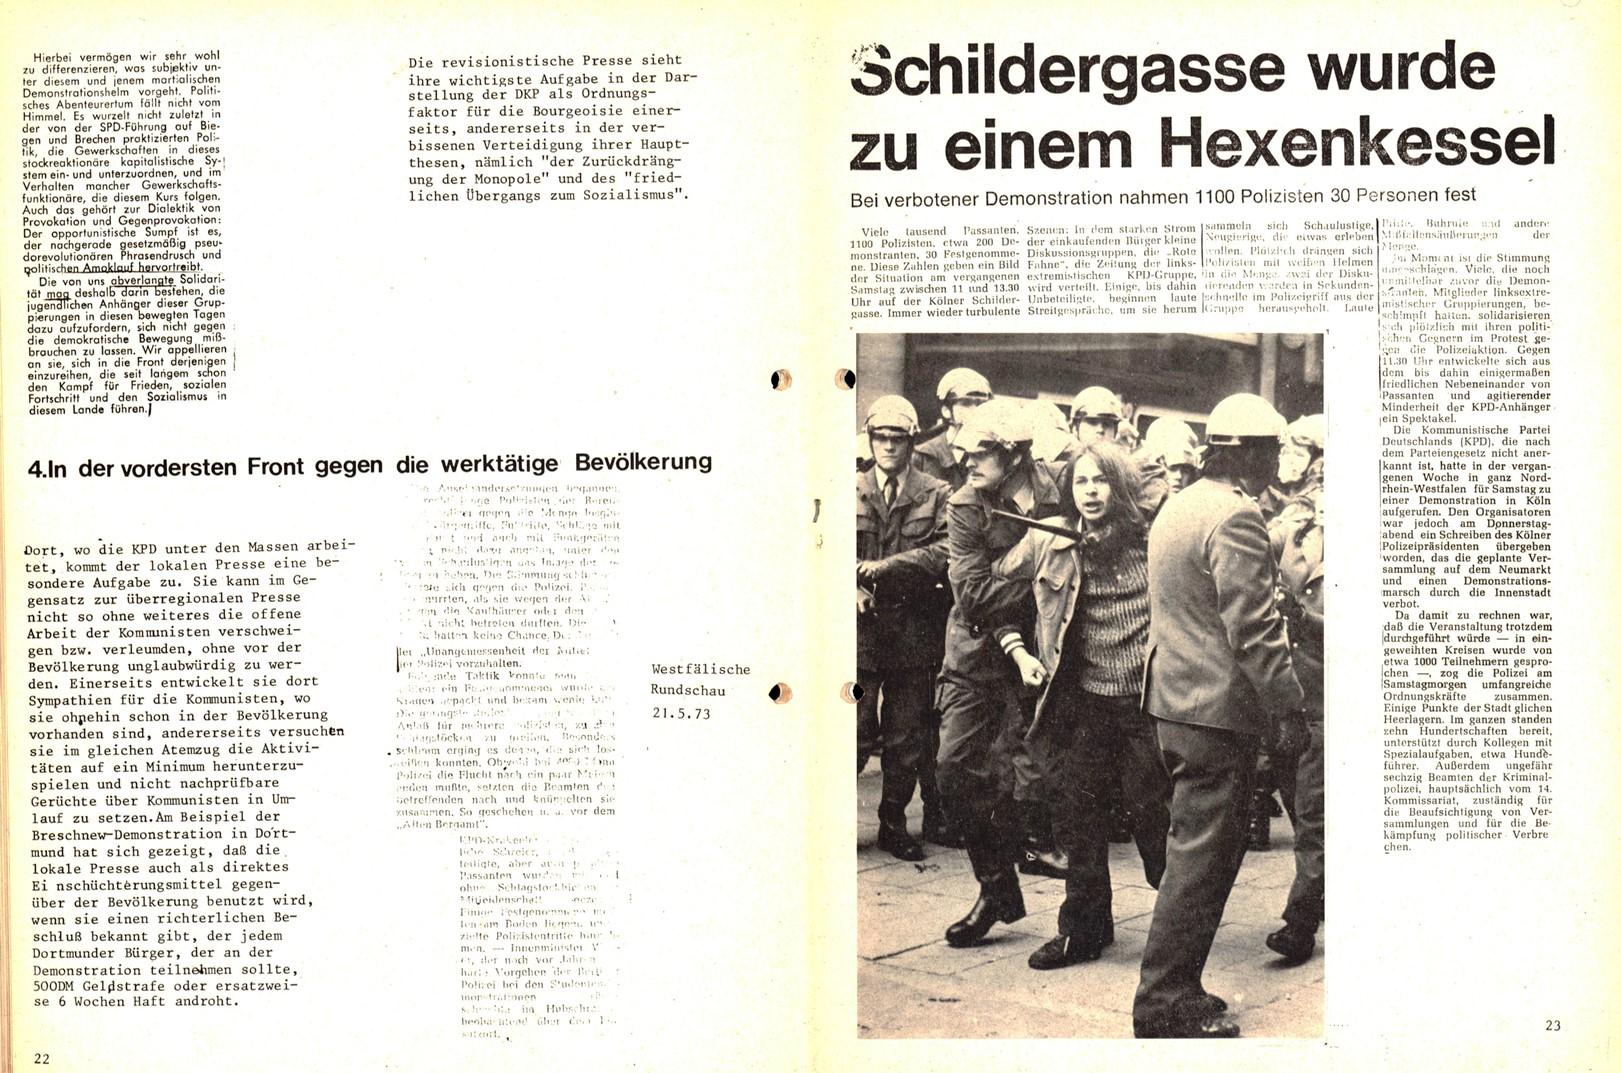 Komitee_Haende_weg_von_der_KPD_1973_Polizeijournalismus_12